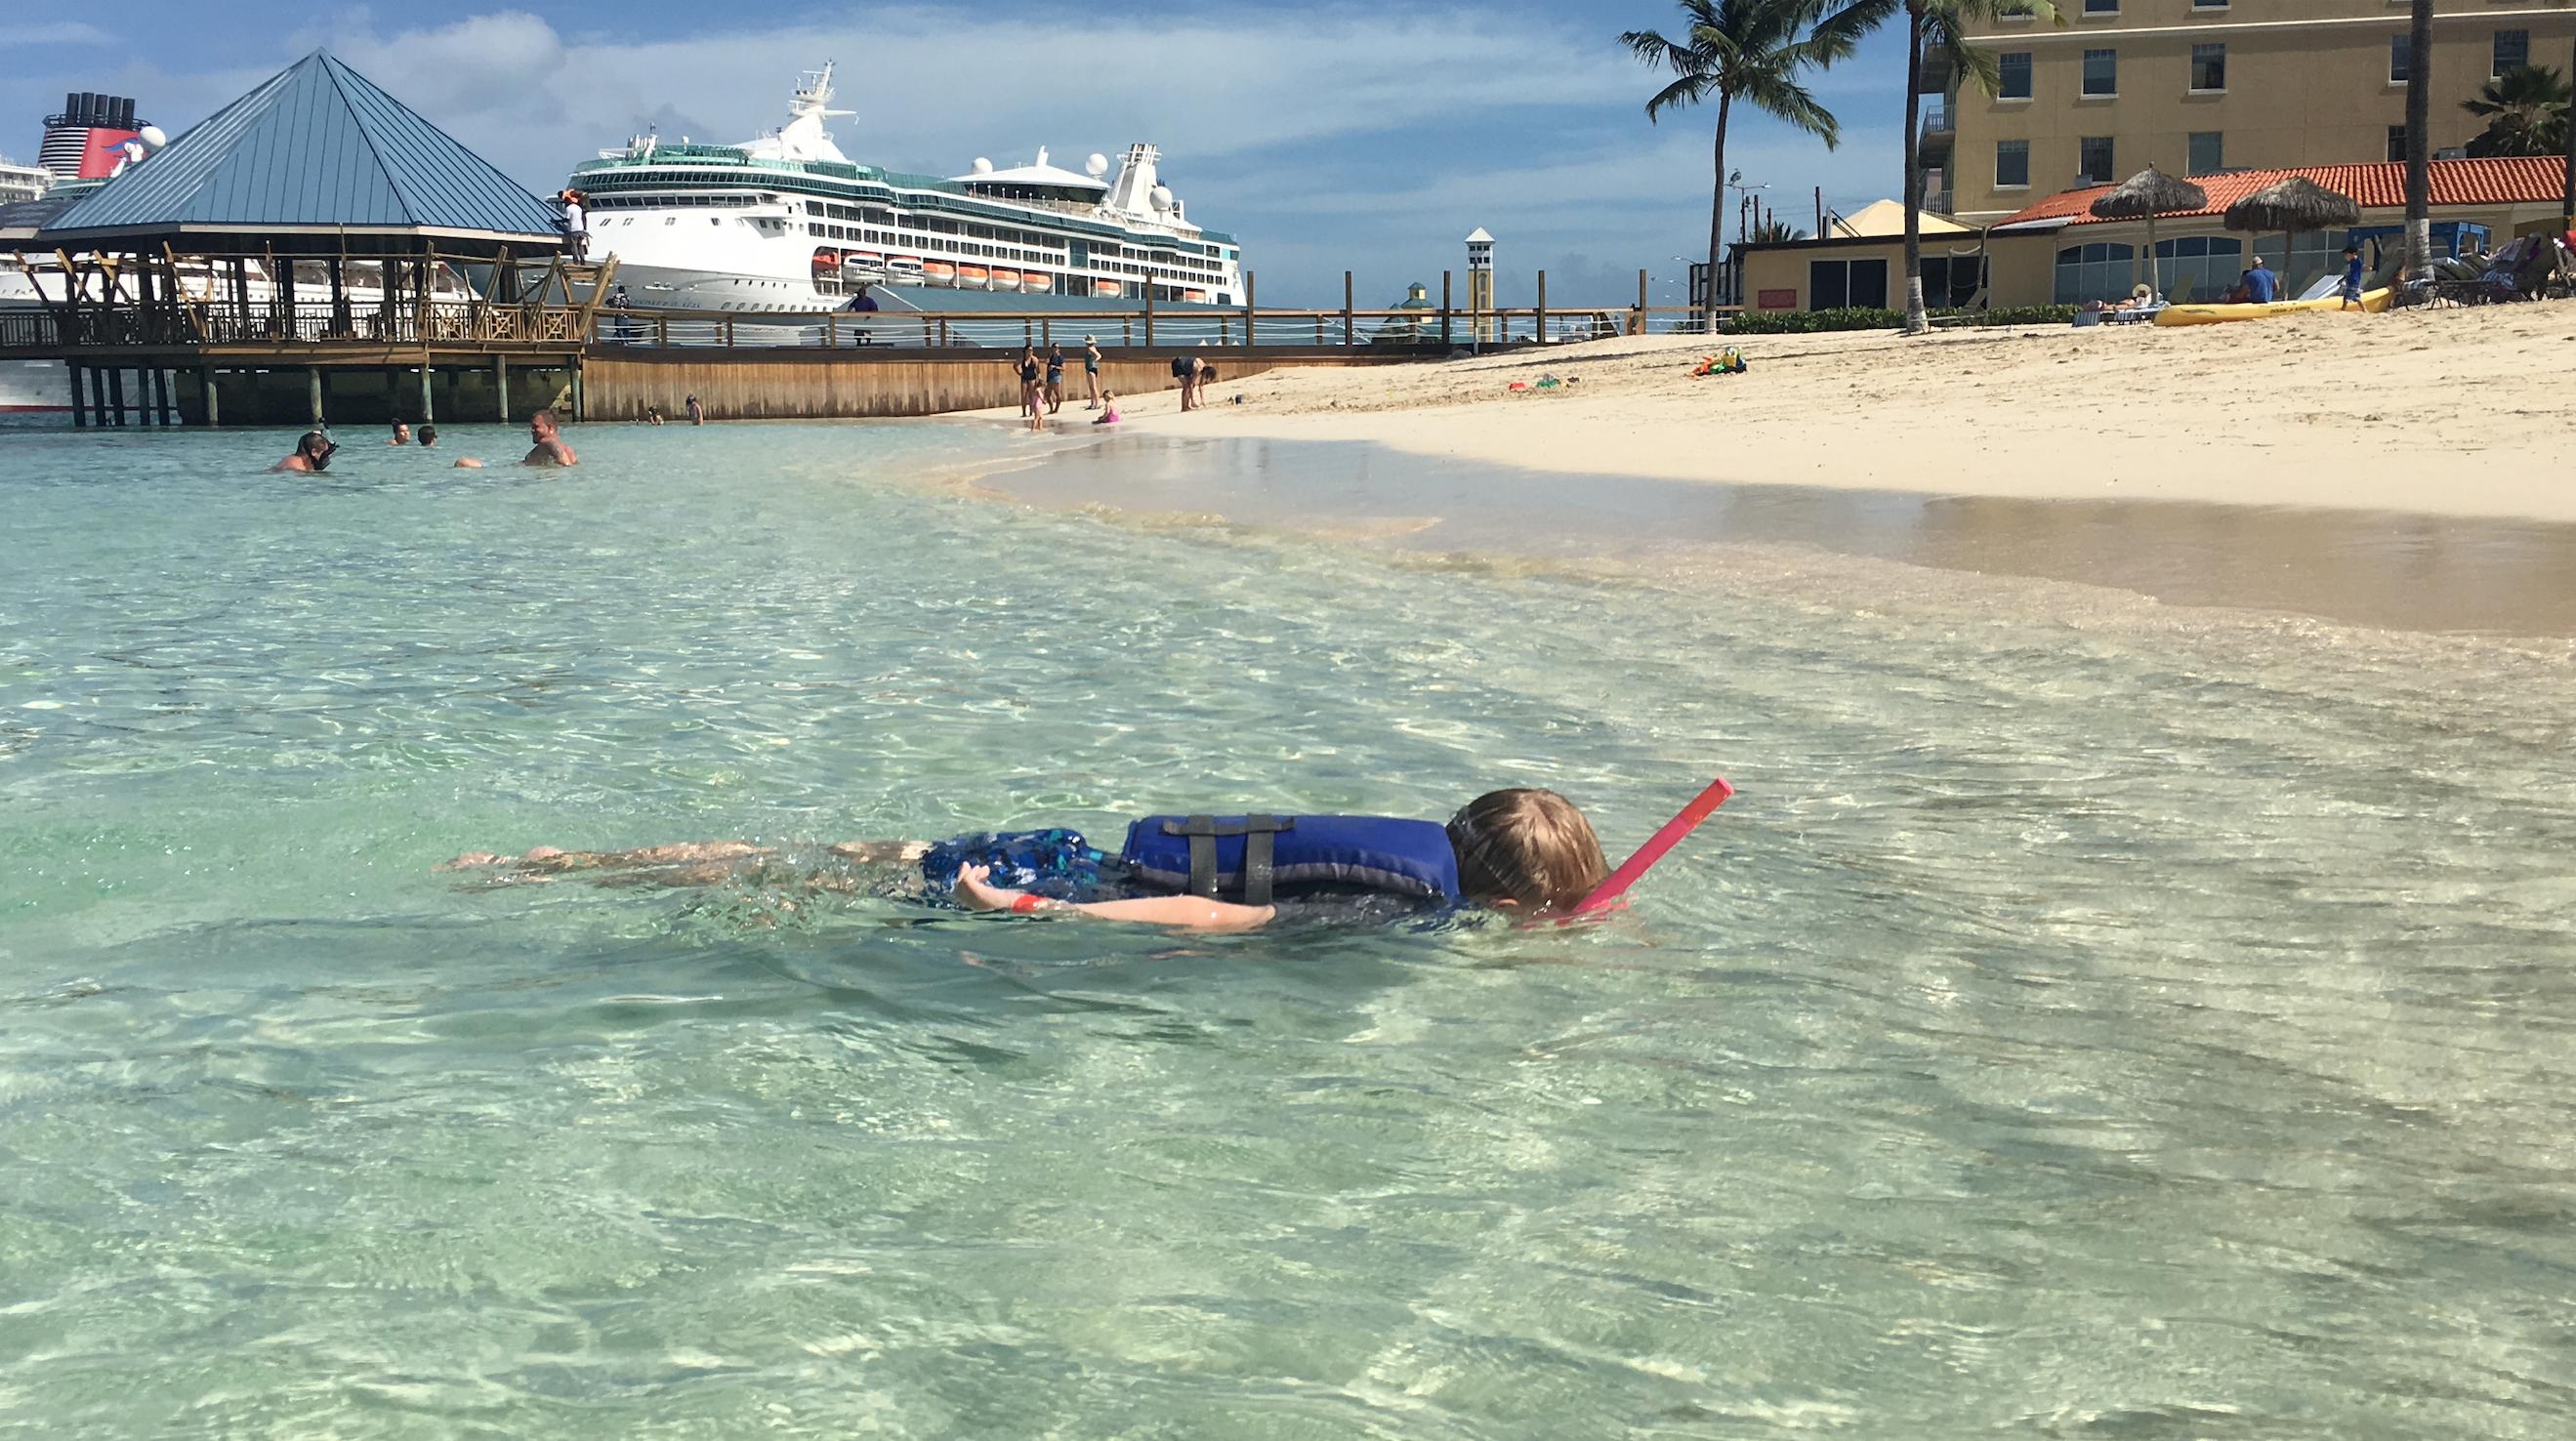 keenan snorkeling